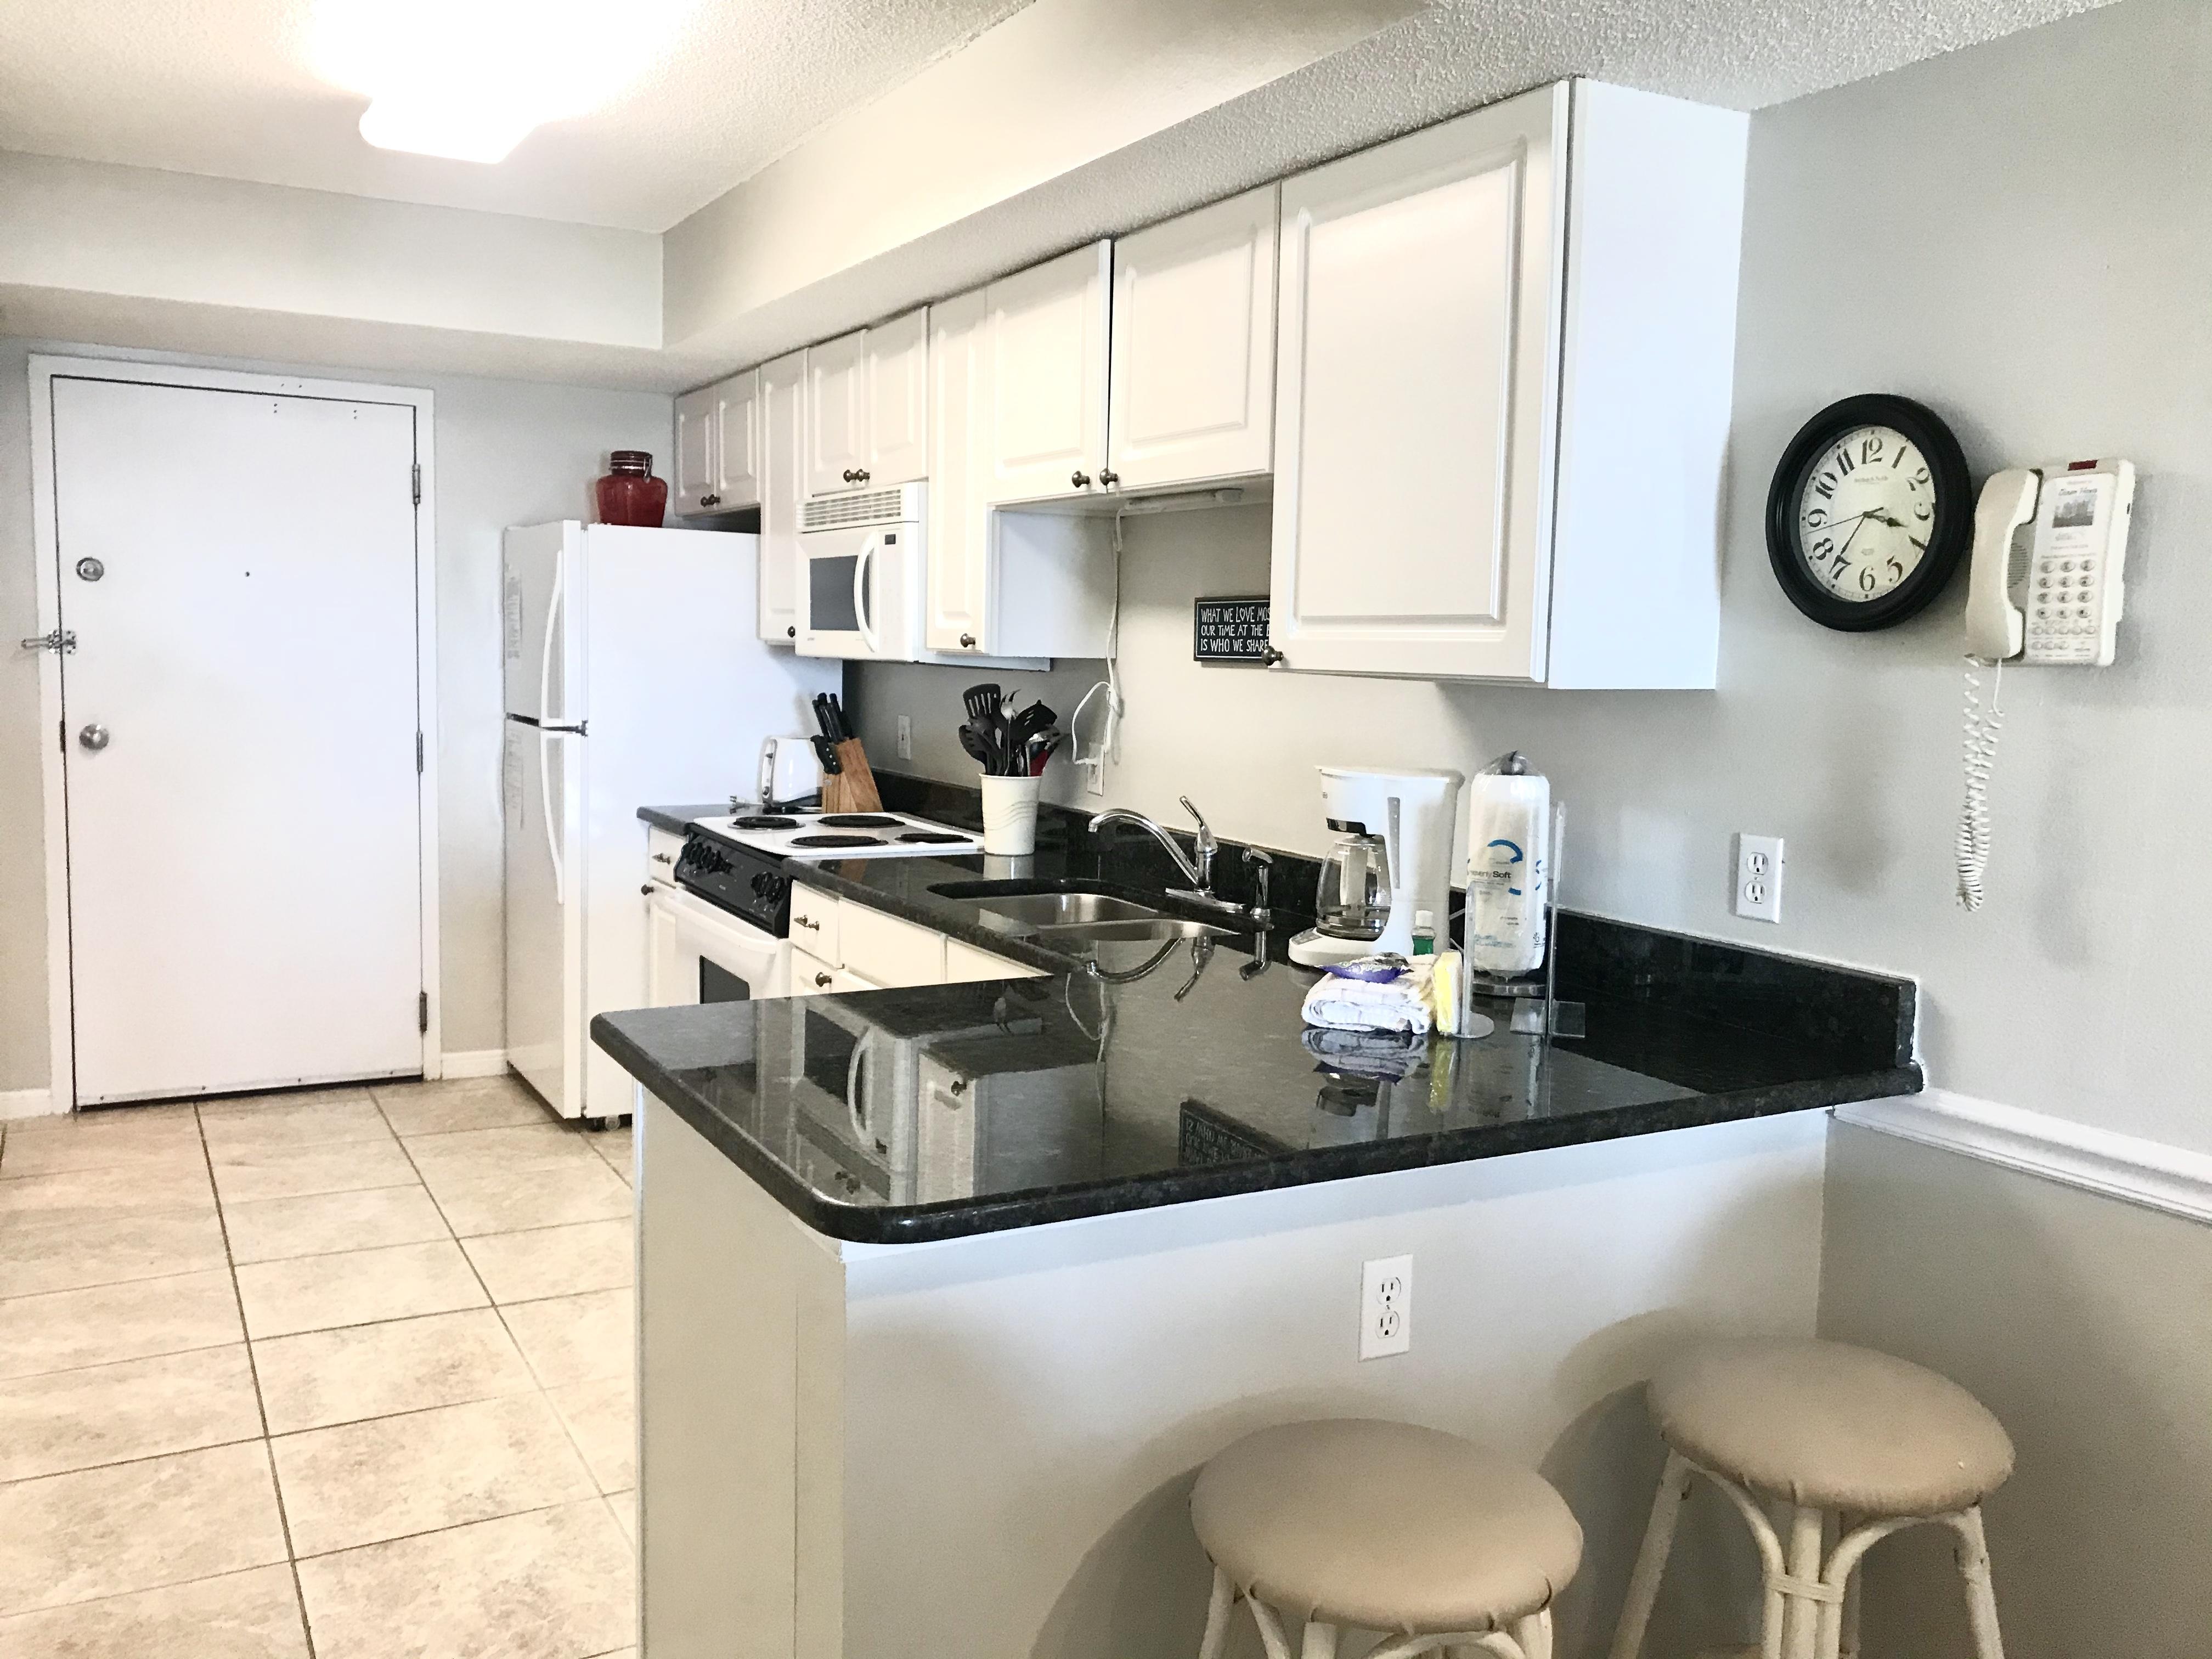 Ocean House 2204 Condo rental in Ocean House - Gulf Shores in Gulf Shores Alabama - #12